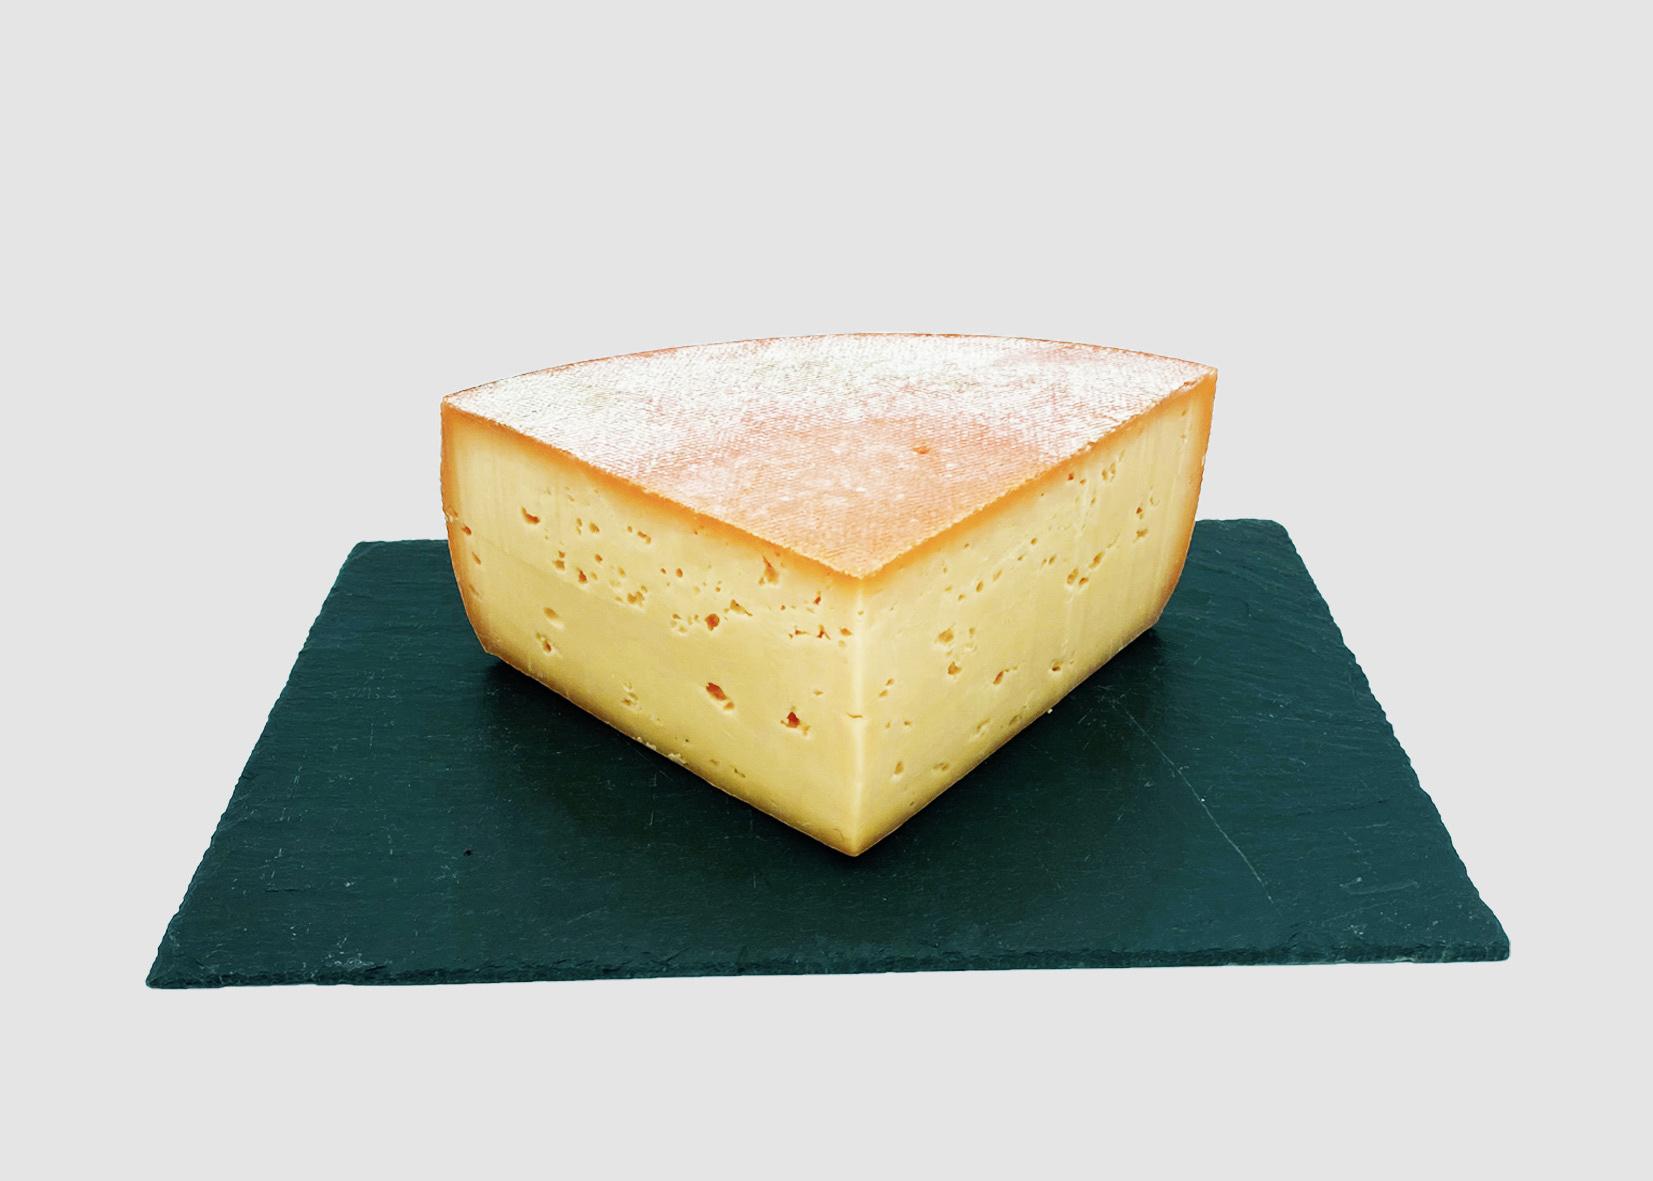 raclette-tome-du-juras-igp-fromage-napoleon copie